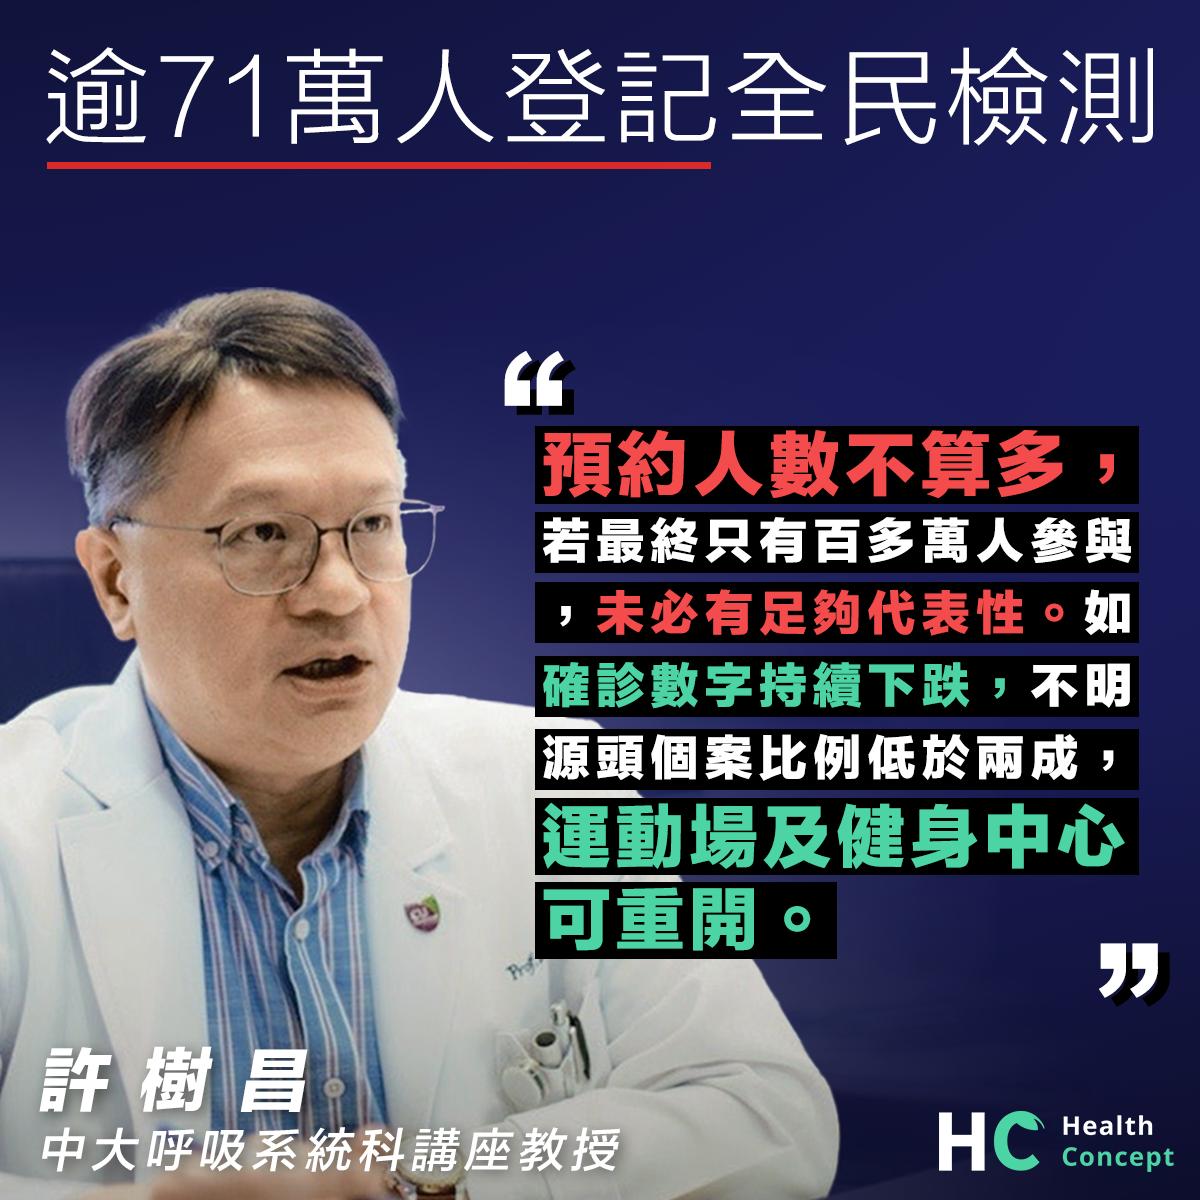 【新型肺炎】逾71萬人登記全民檢測 許樹昌:人數不算好多